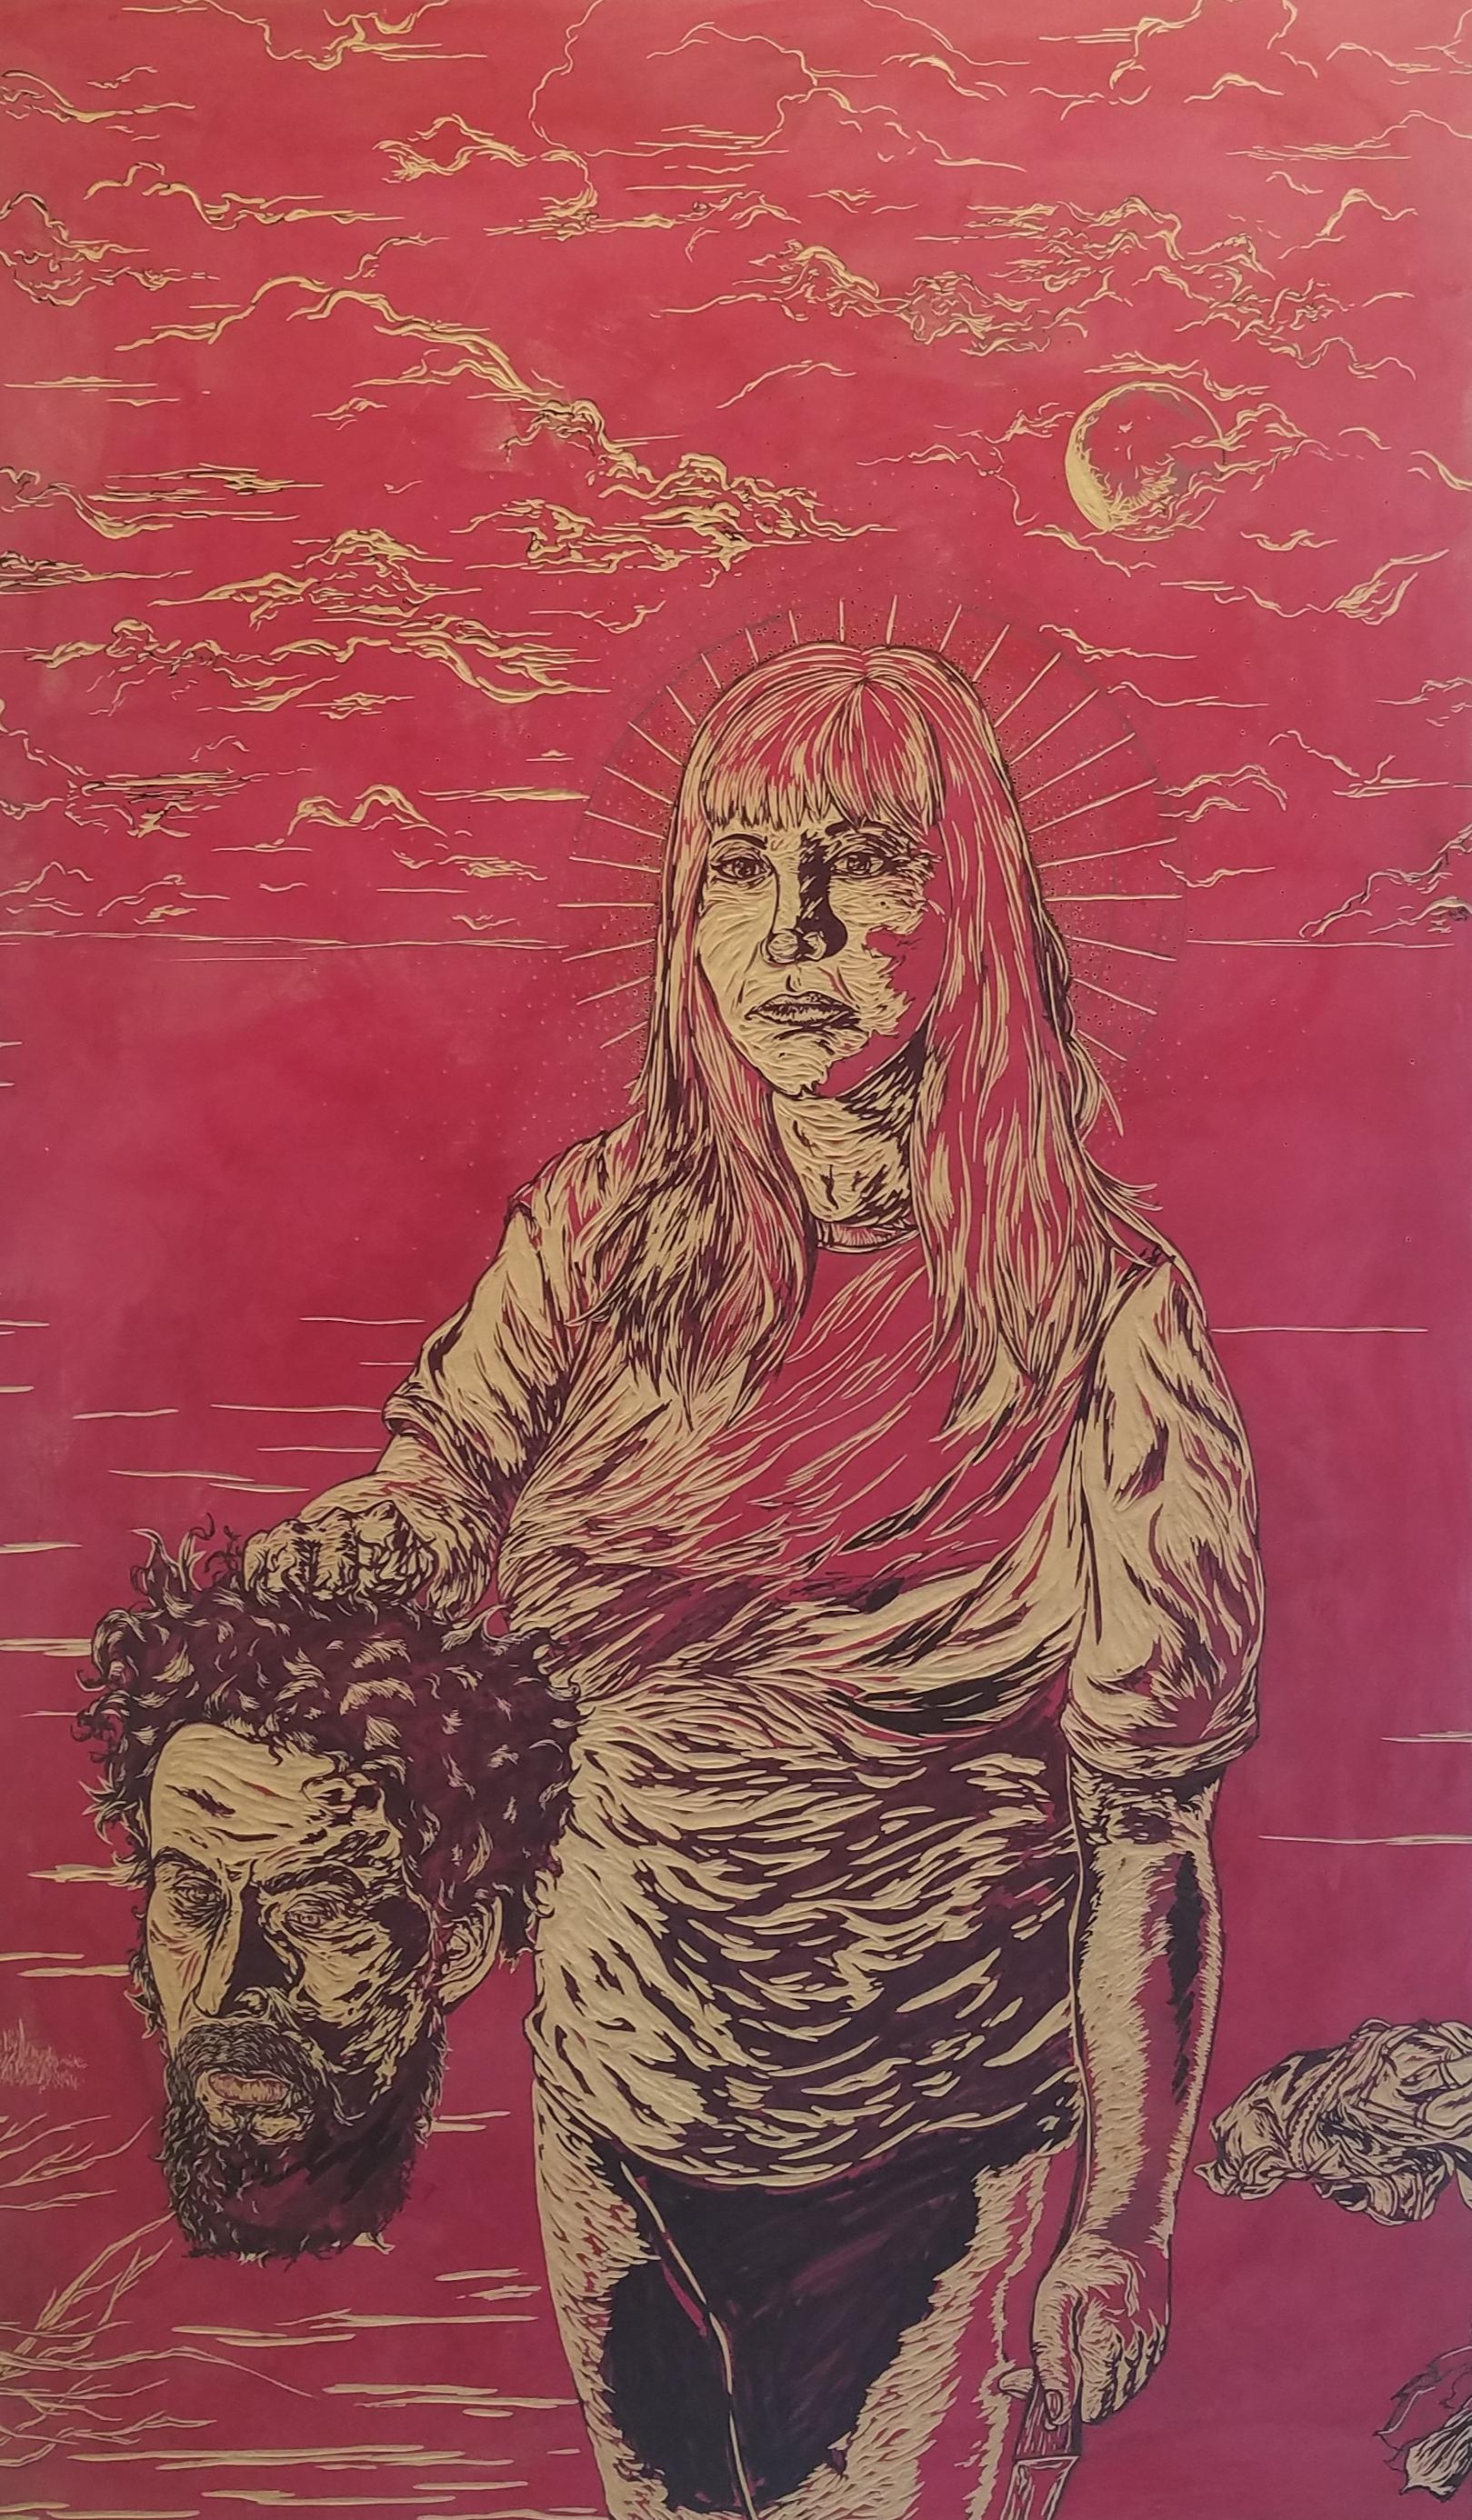 Santa Natalie, Hija de su Sadre y un Pobre Cabron,  woodcut, 40 x 24 inches